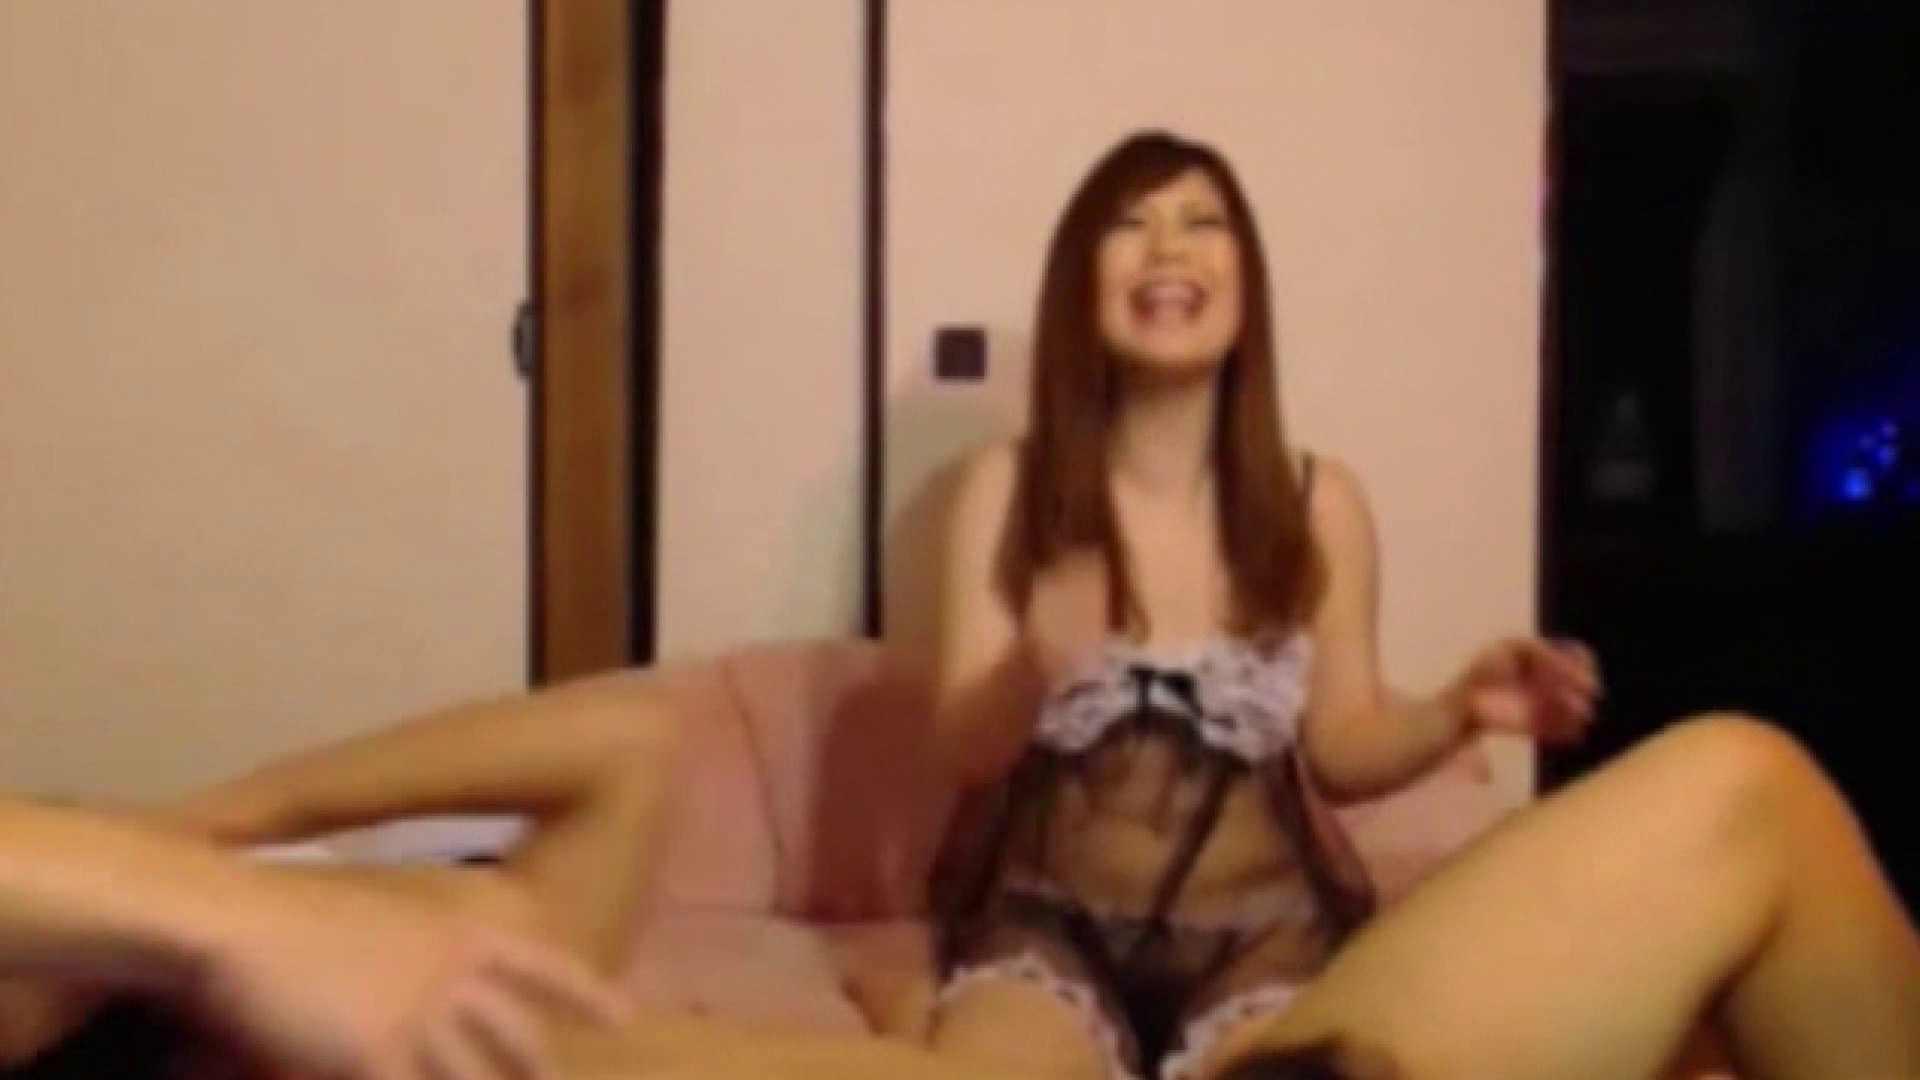 おしえてギャル子のH塾 Vol.02 前編 エッチな美少女 セックス画像 64pic 23